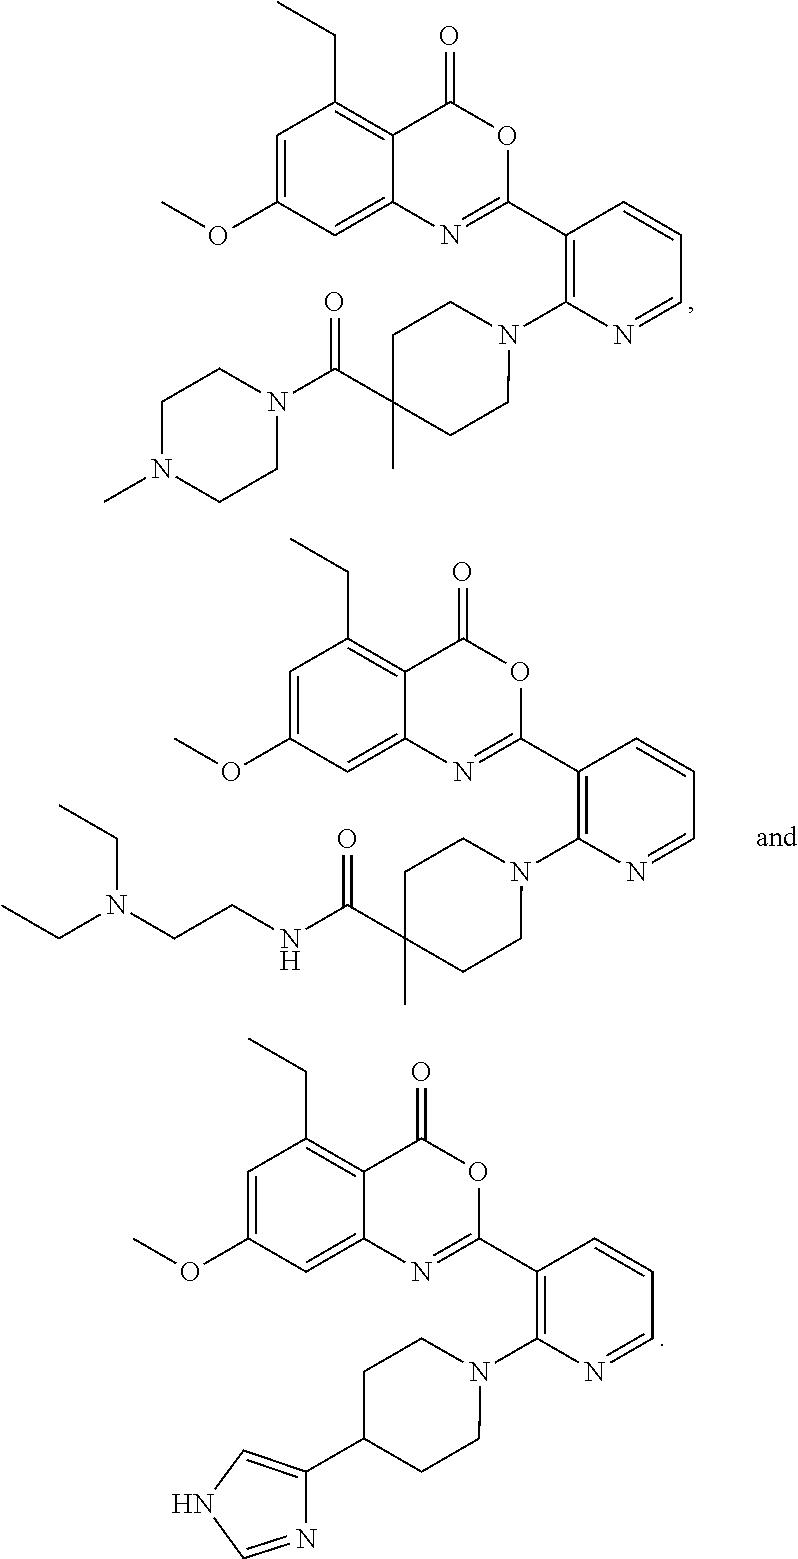 Figure US07879846-20110201-C00421